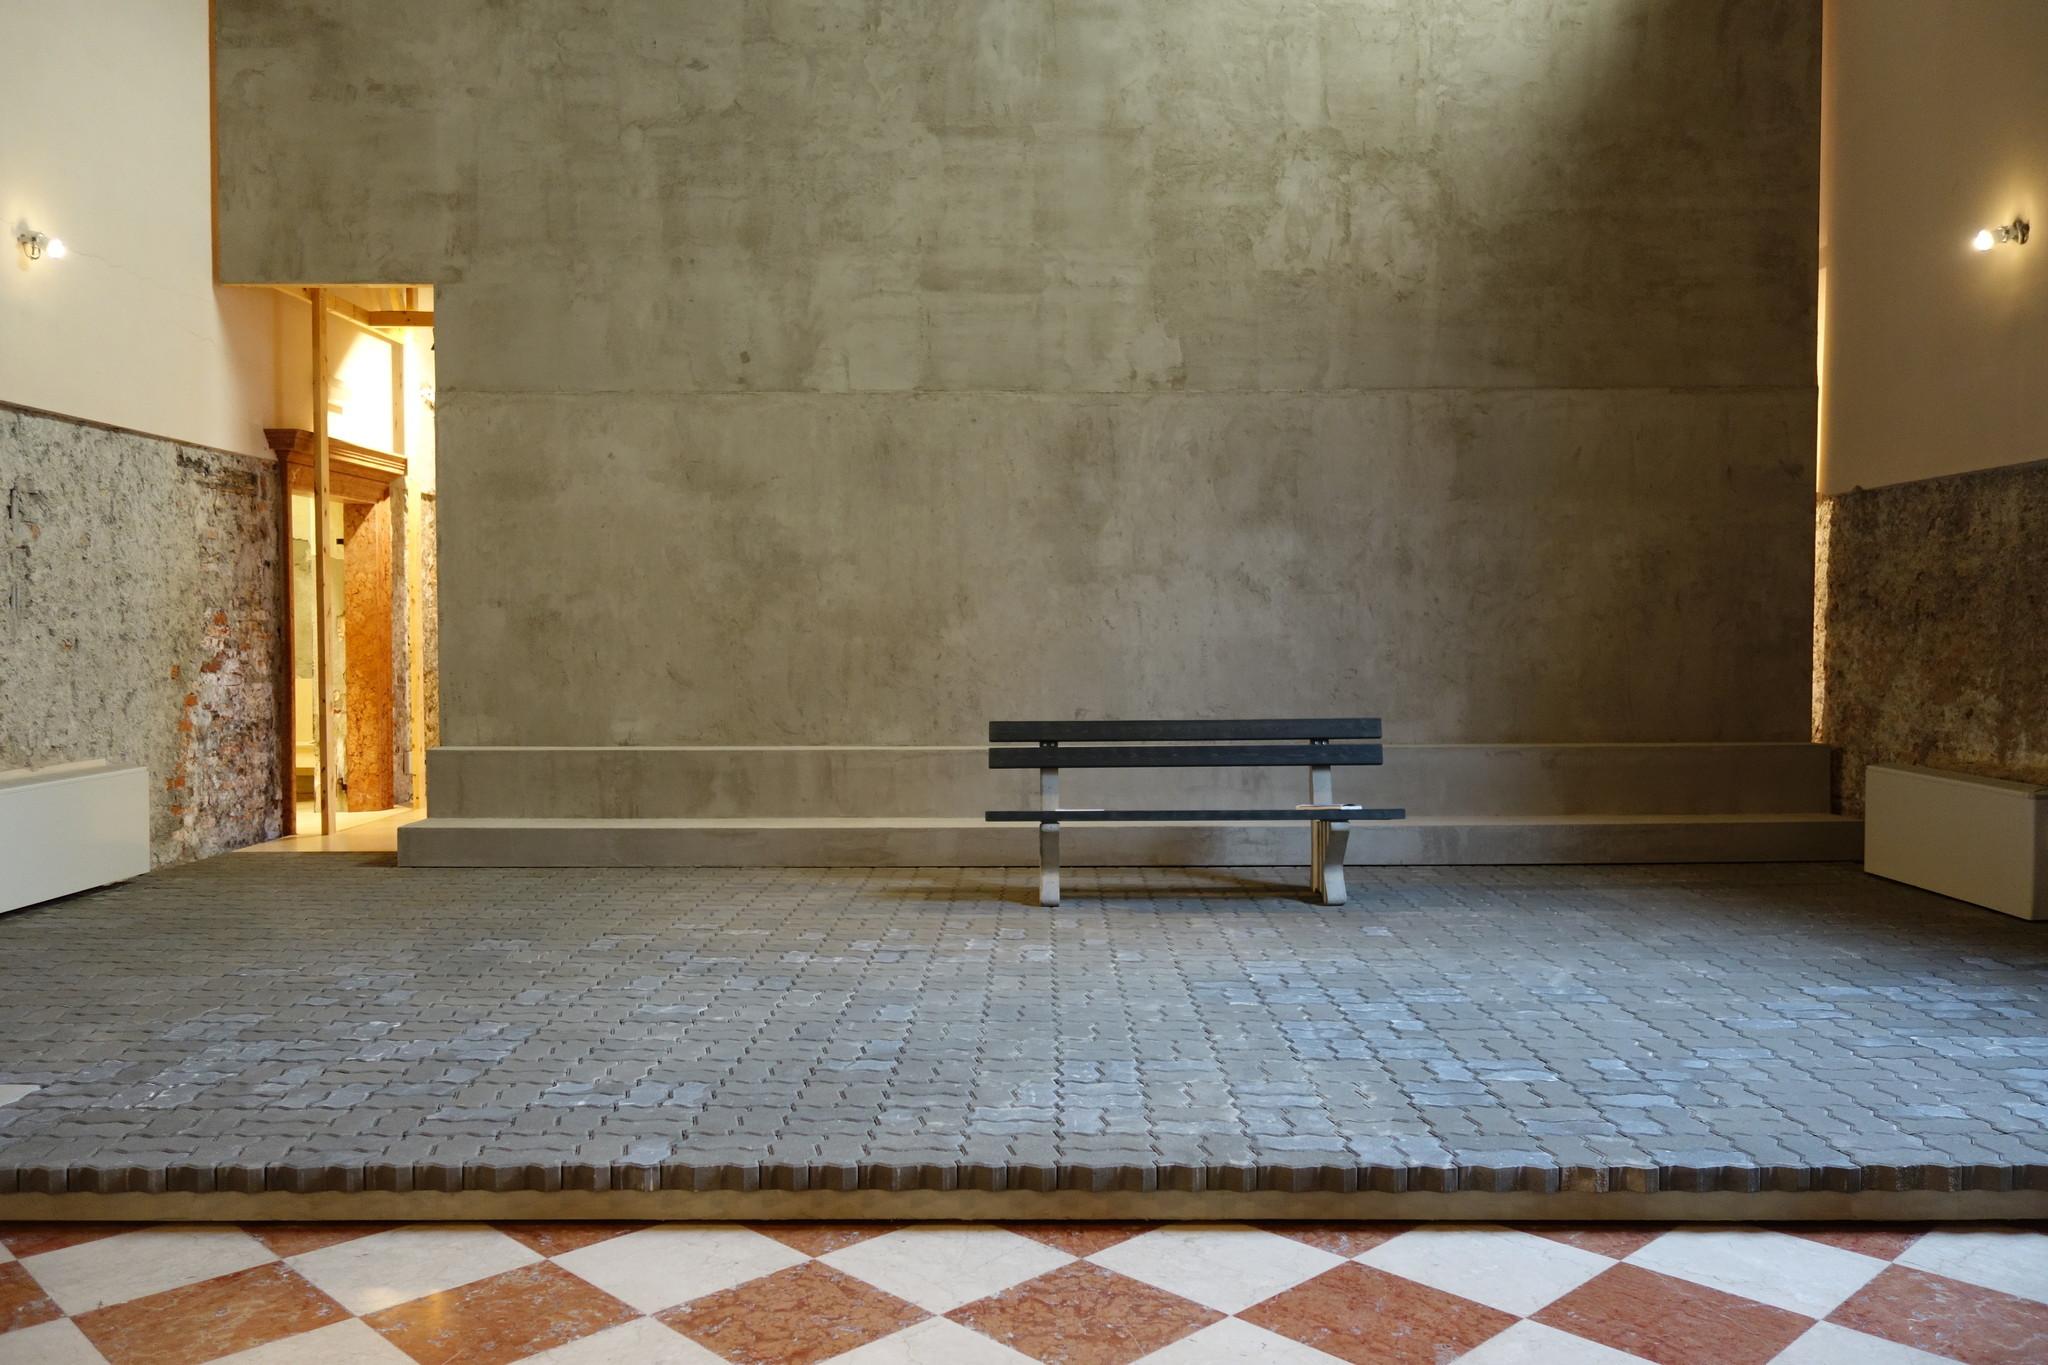 Venice Architecture Biennale 2018 — Estonian Pavilion